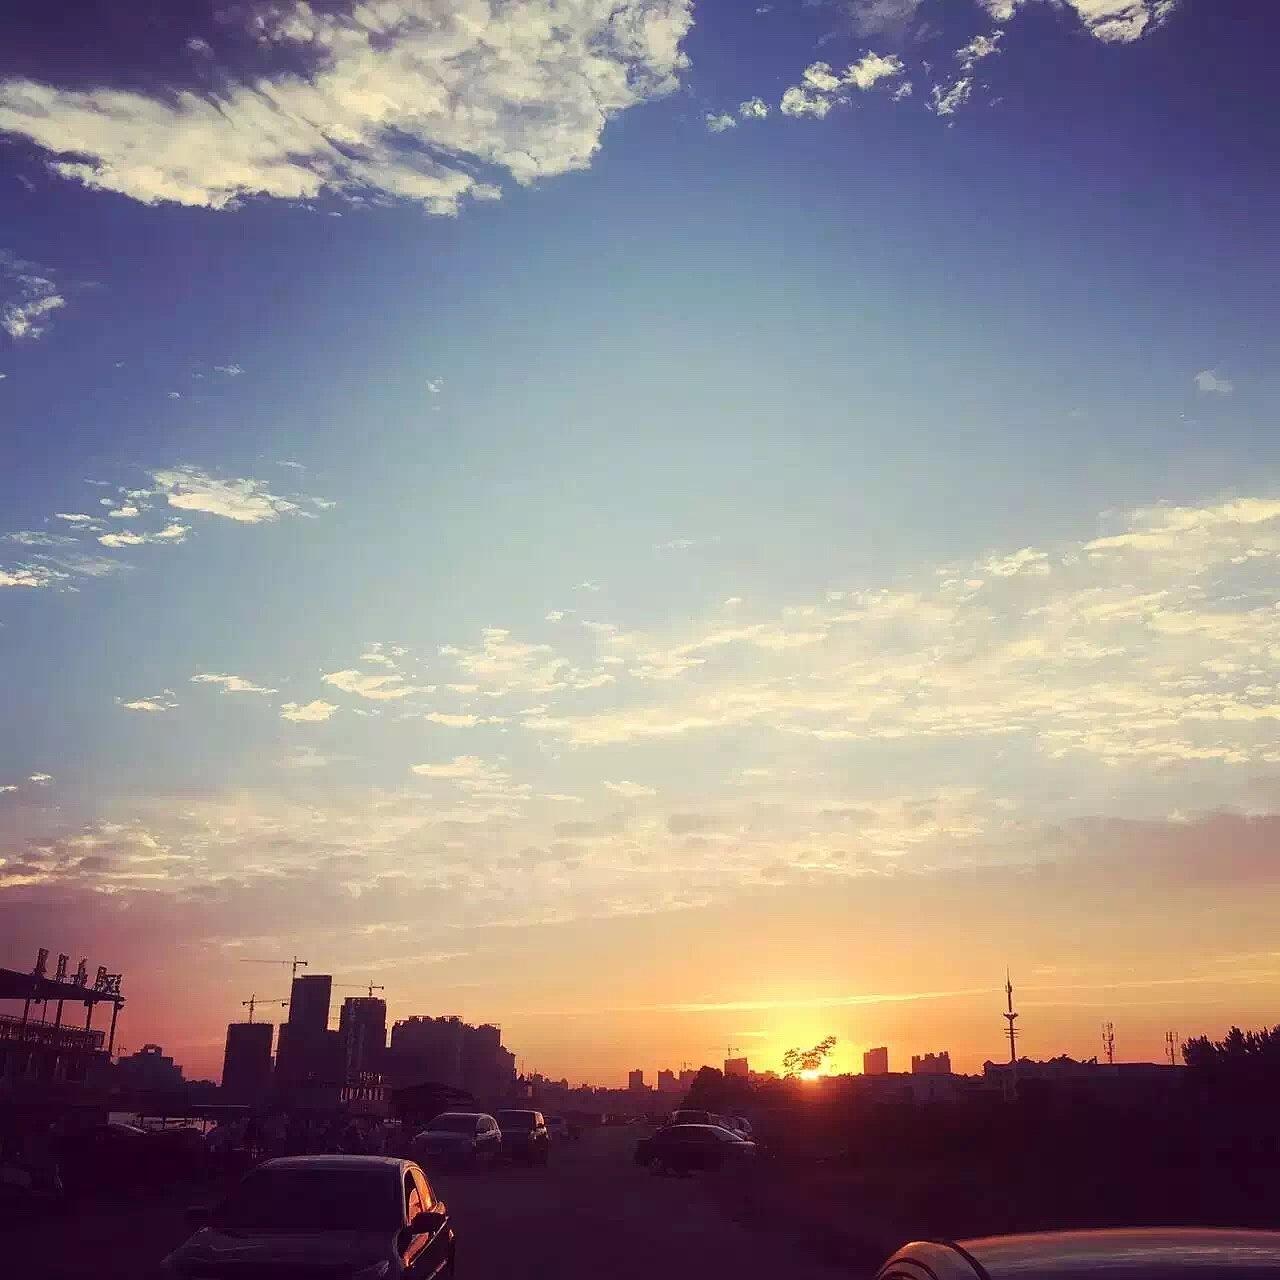 夏日傍晚城市天空